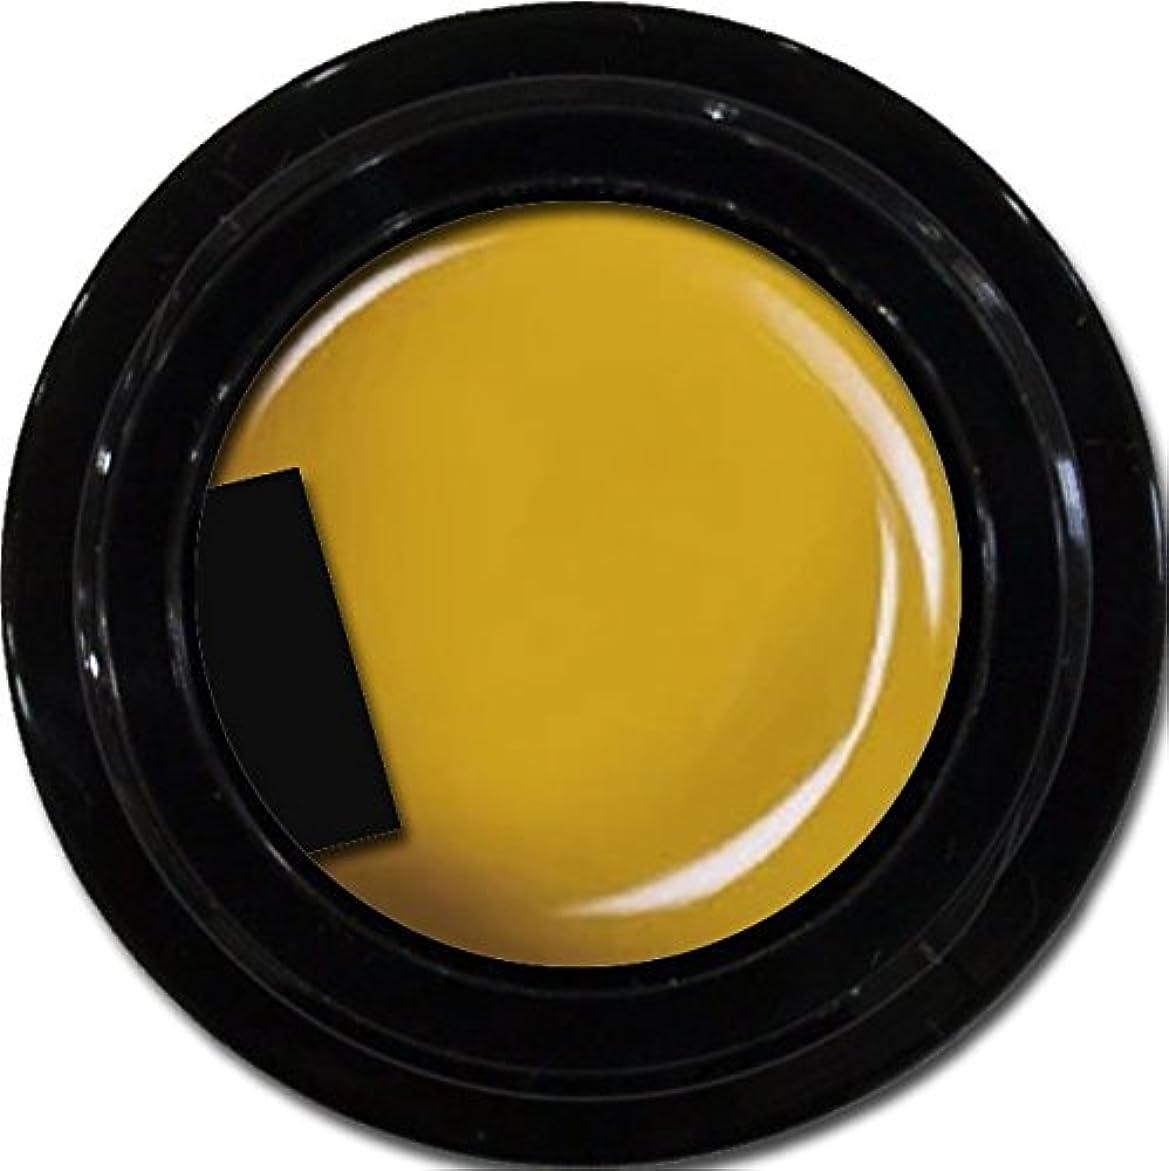 左更新する正確にカラージェル enchant color gel M605 Cameron3g/ マットカラージェル M605キャメロン 3グラム